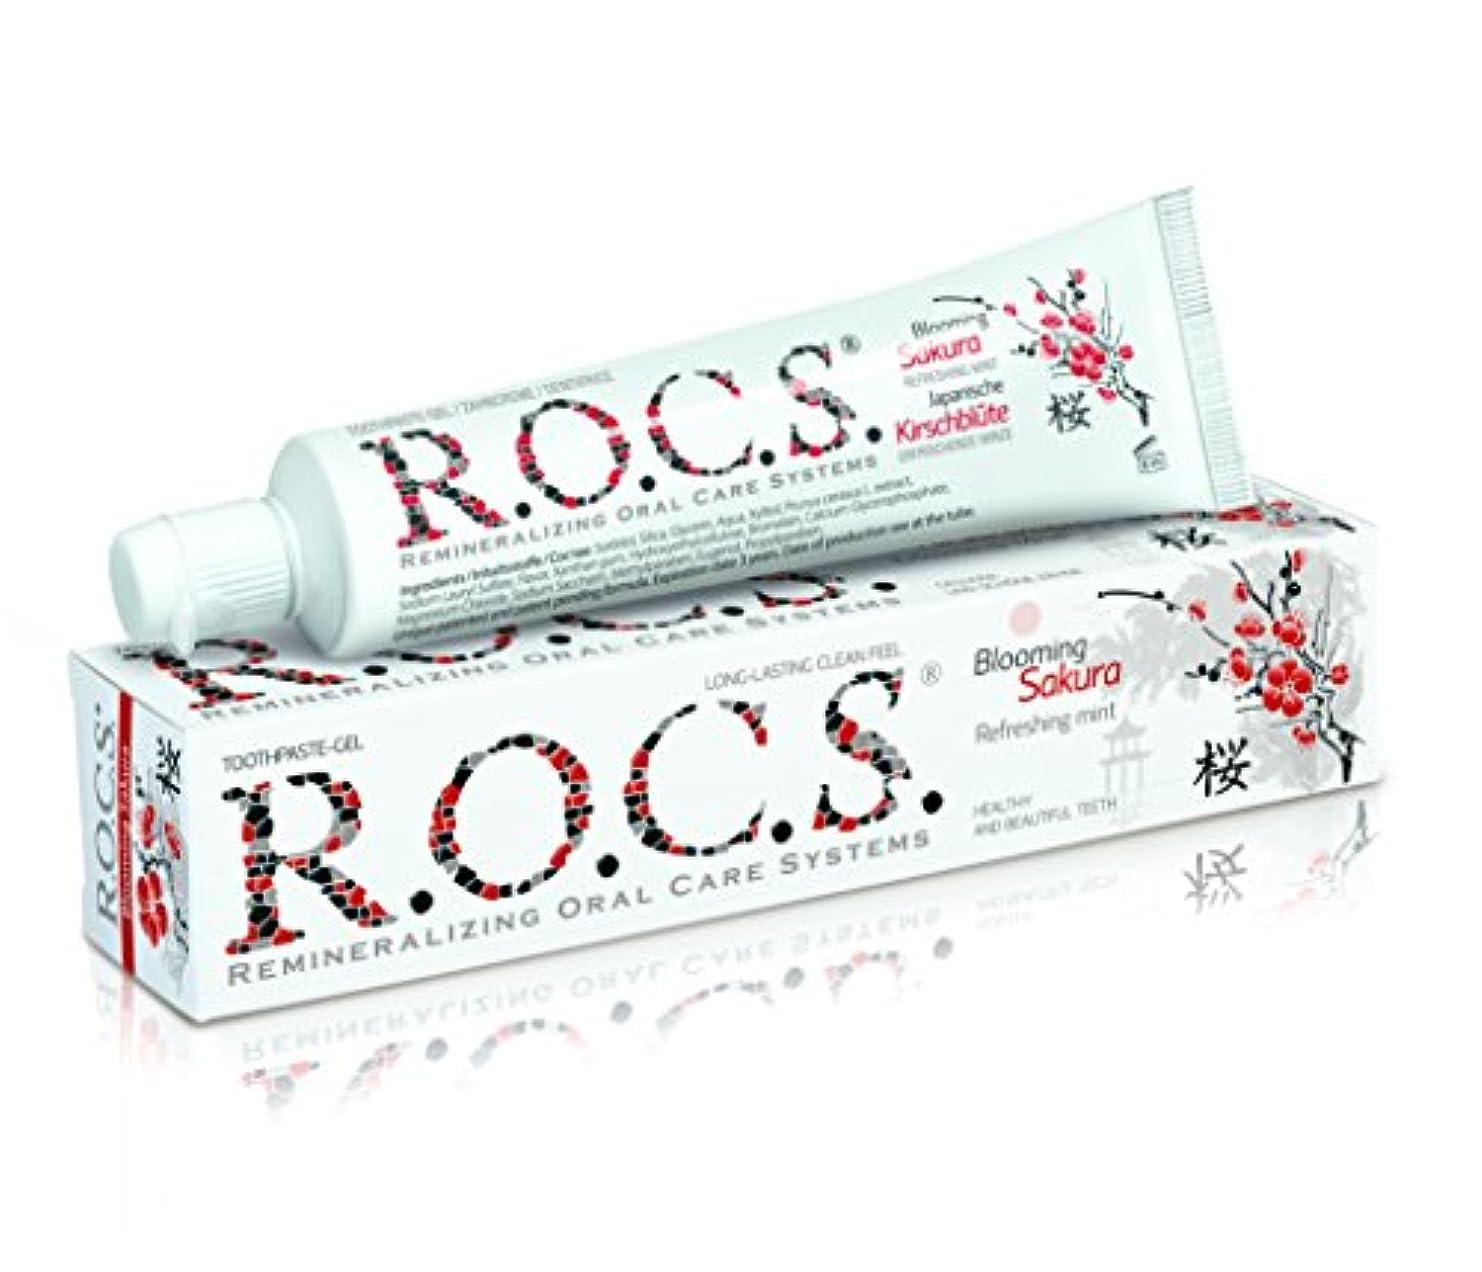 列挙するトーナメント木曜日R.O.C.S. ロックス歯磨き粉 ブルーミング サクラ